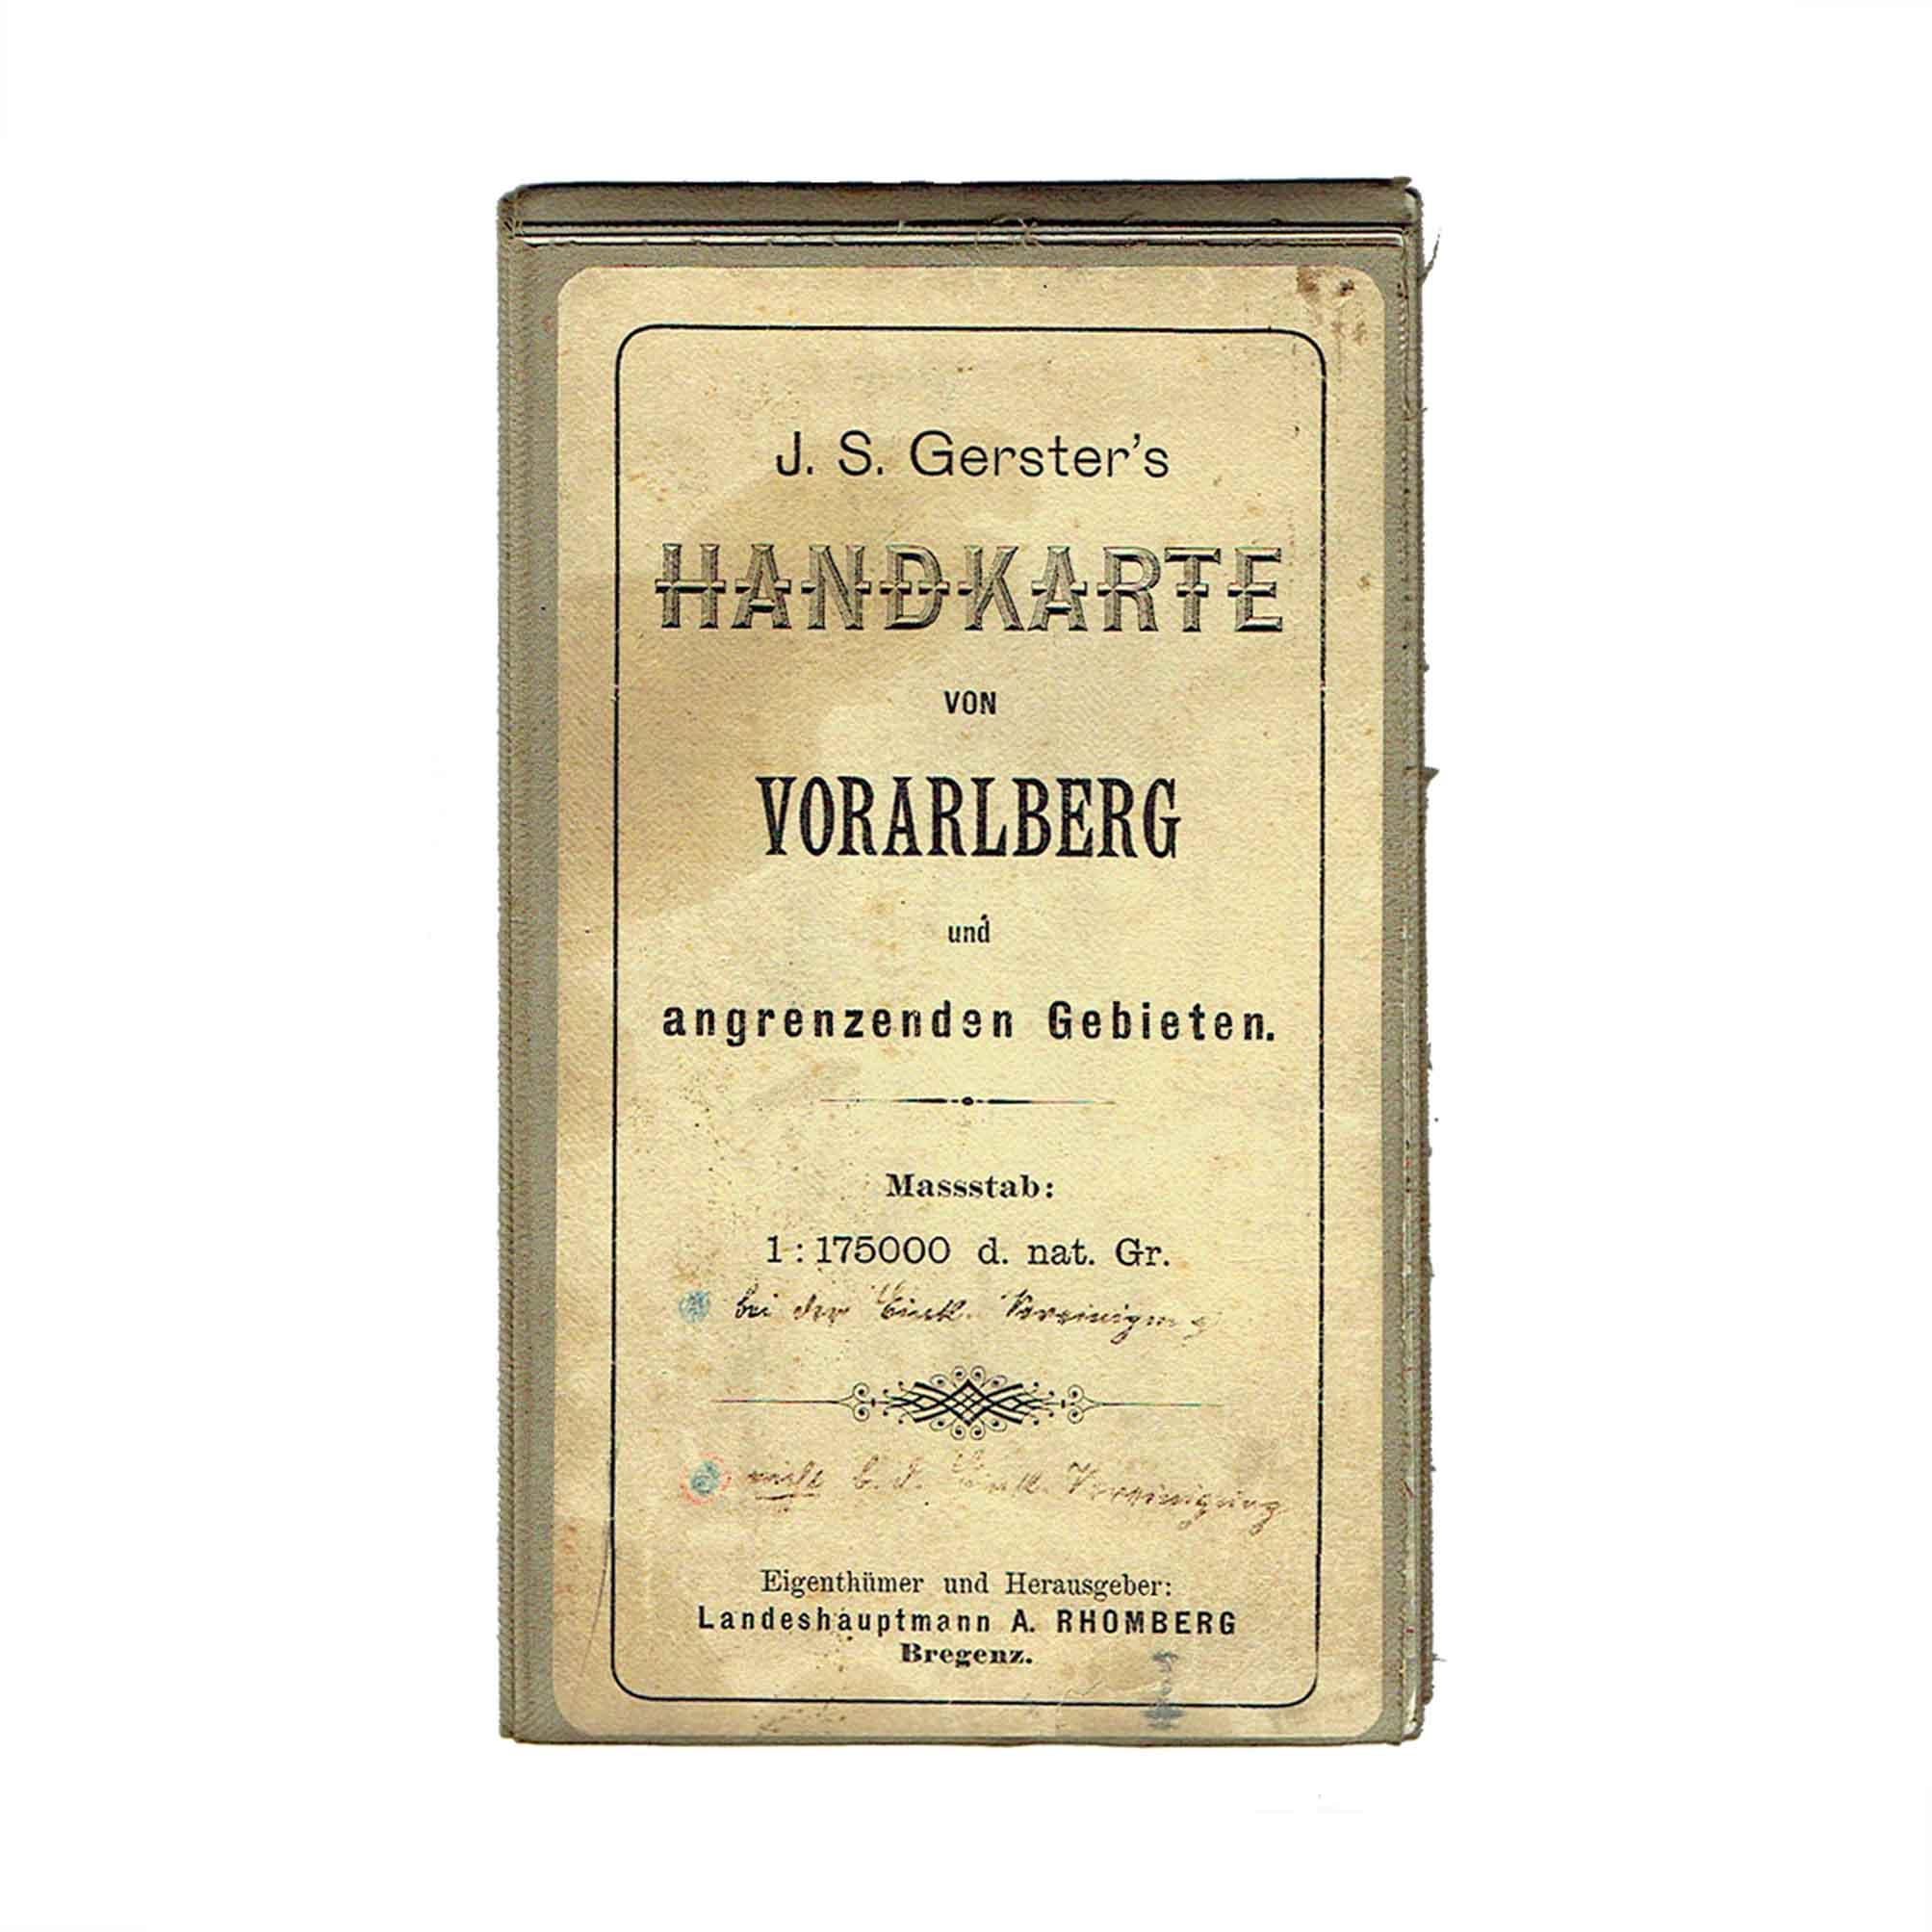 5560-Gerstner-Handkarte-Vorarlberg-um-1900-Titel-frei-N.jpg